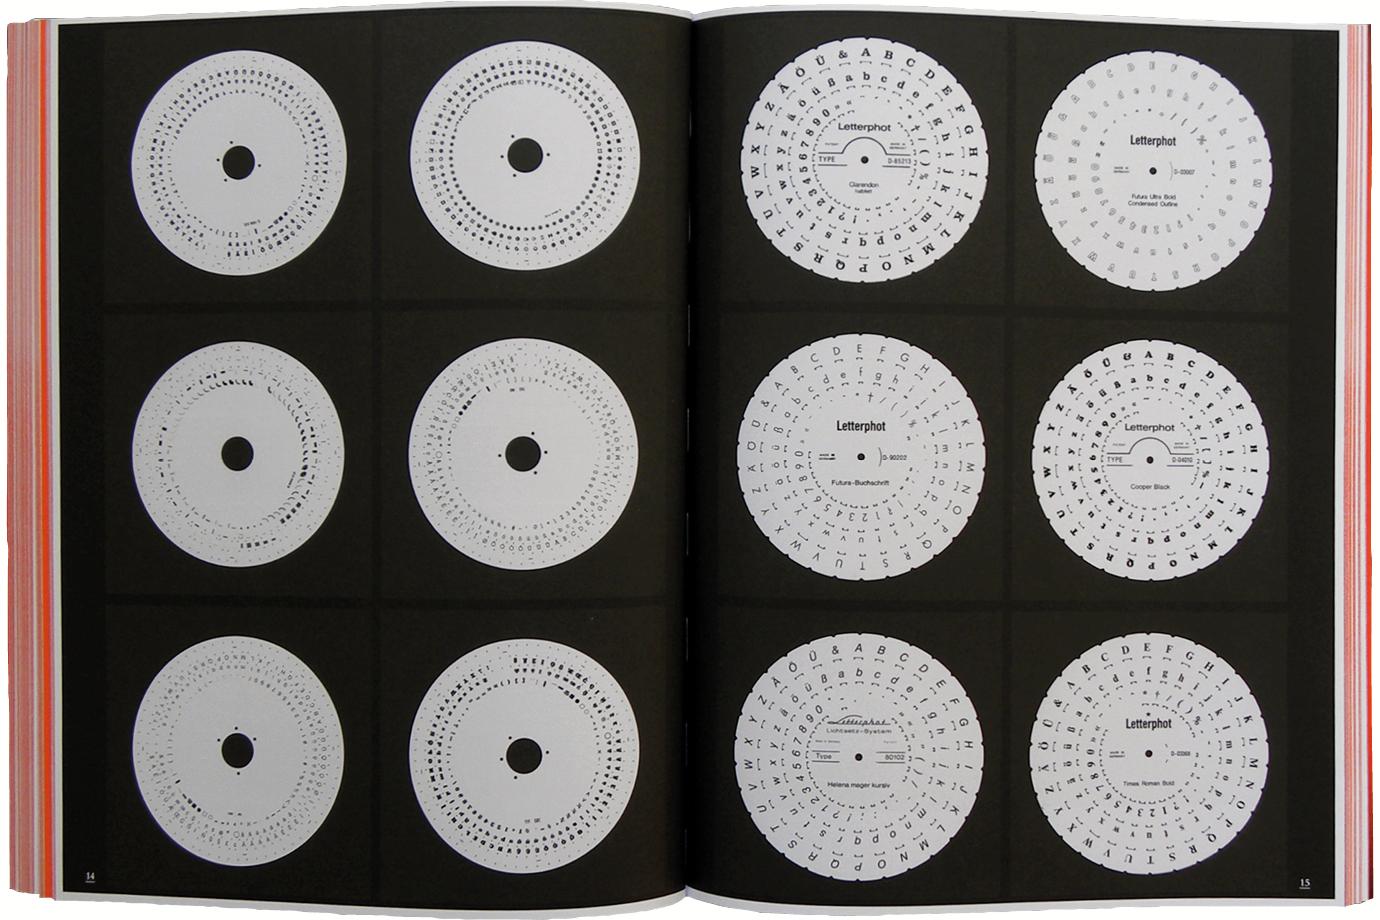 http://e-o-t.de/wordpress/wp-content/uploads/2017/07/eot-2011_Ars-Viva_Book_12.jpg